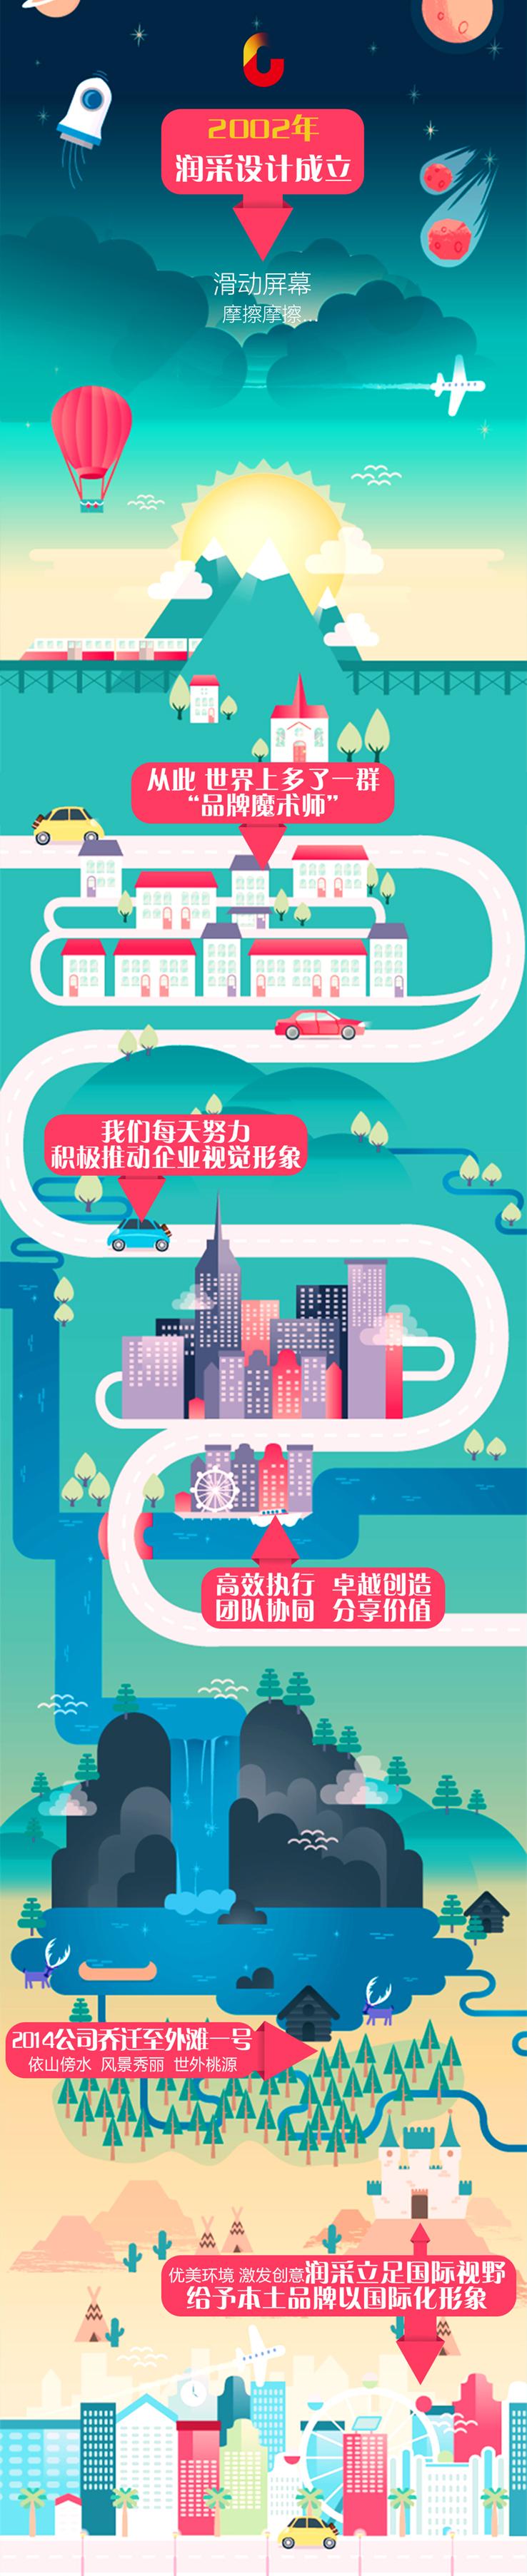 微信长图贺卡创意 海报 平面 酱小饼